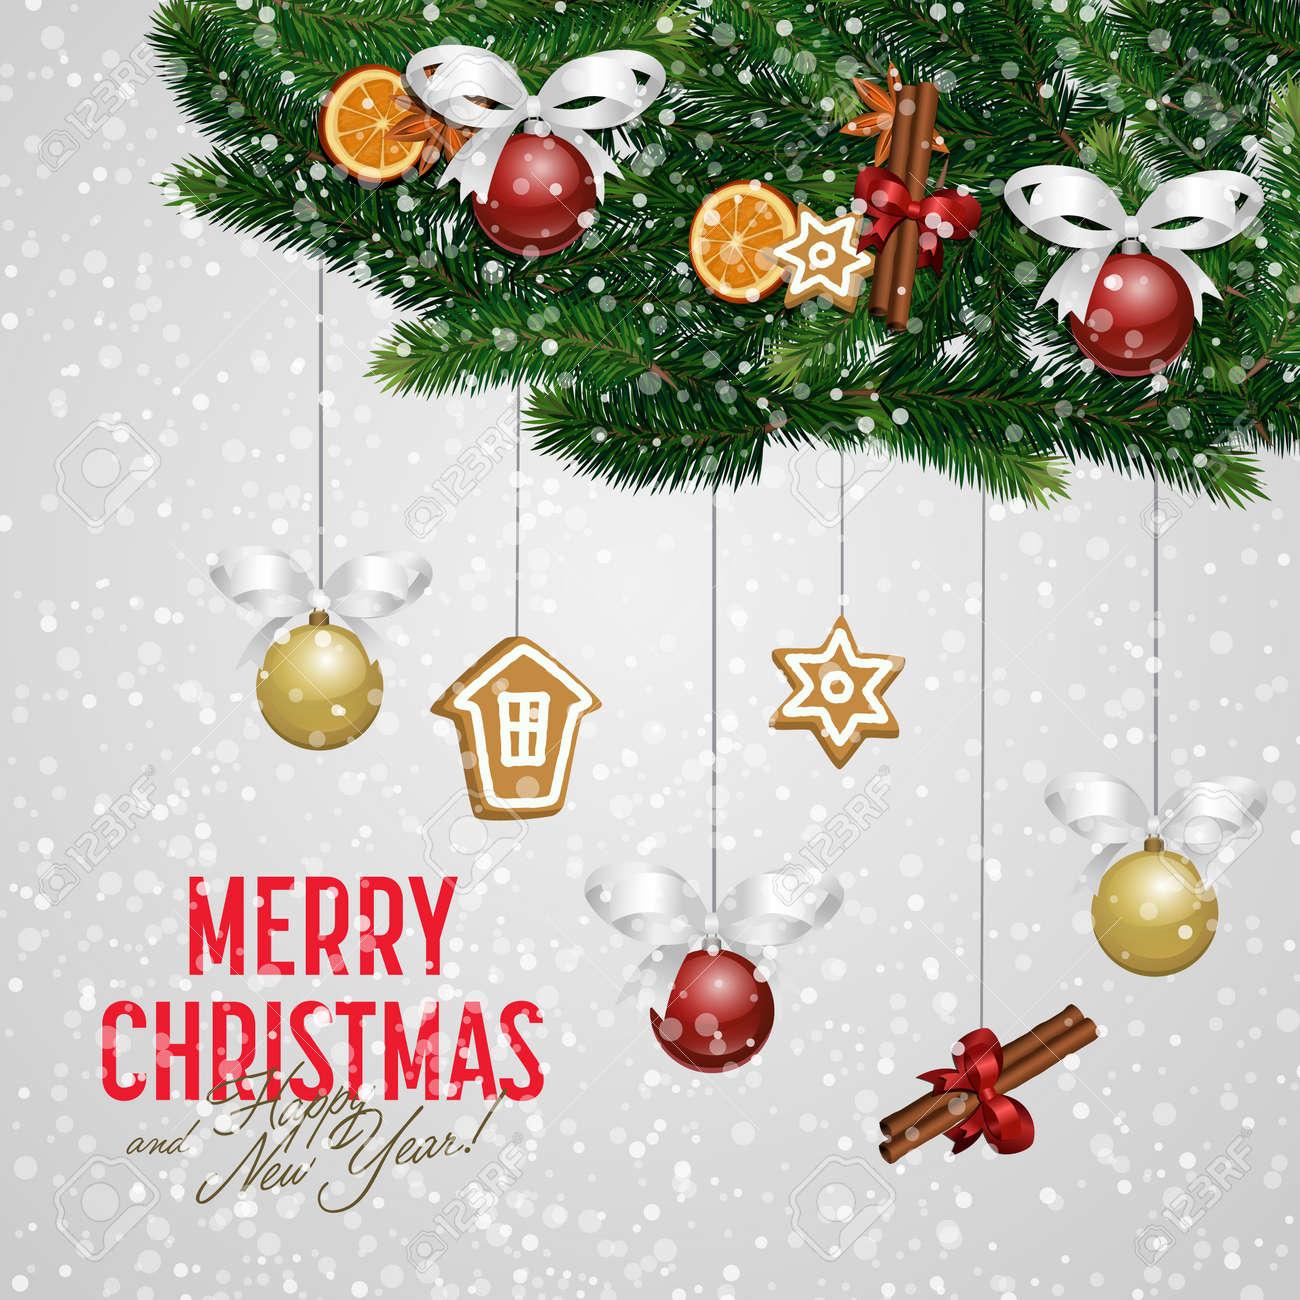 Glückwünsche Zu Weihnachten.Stock Photo